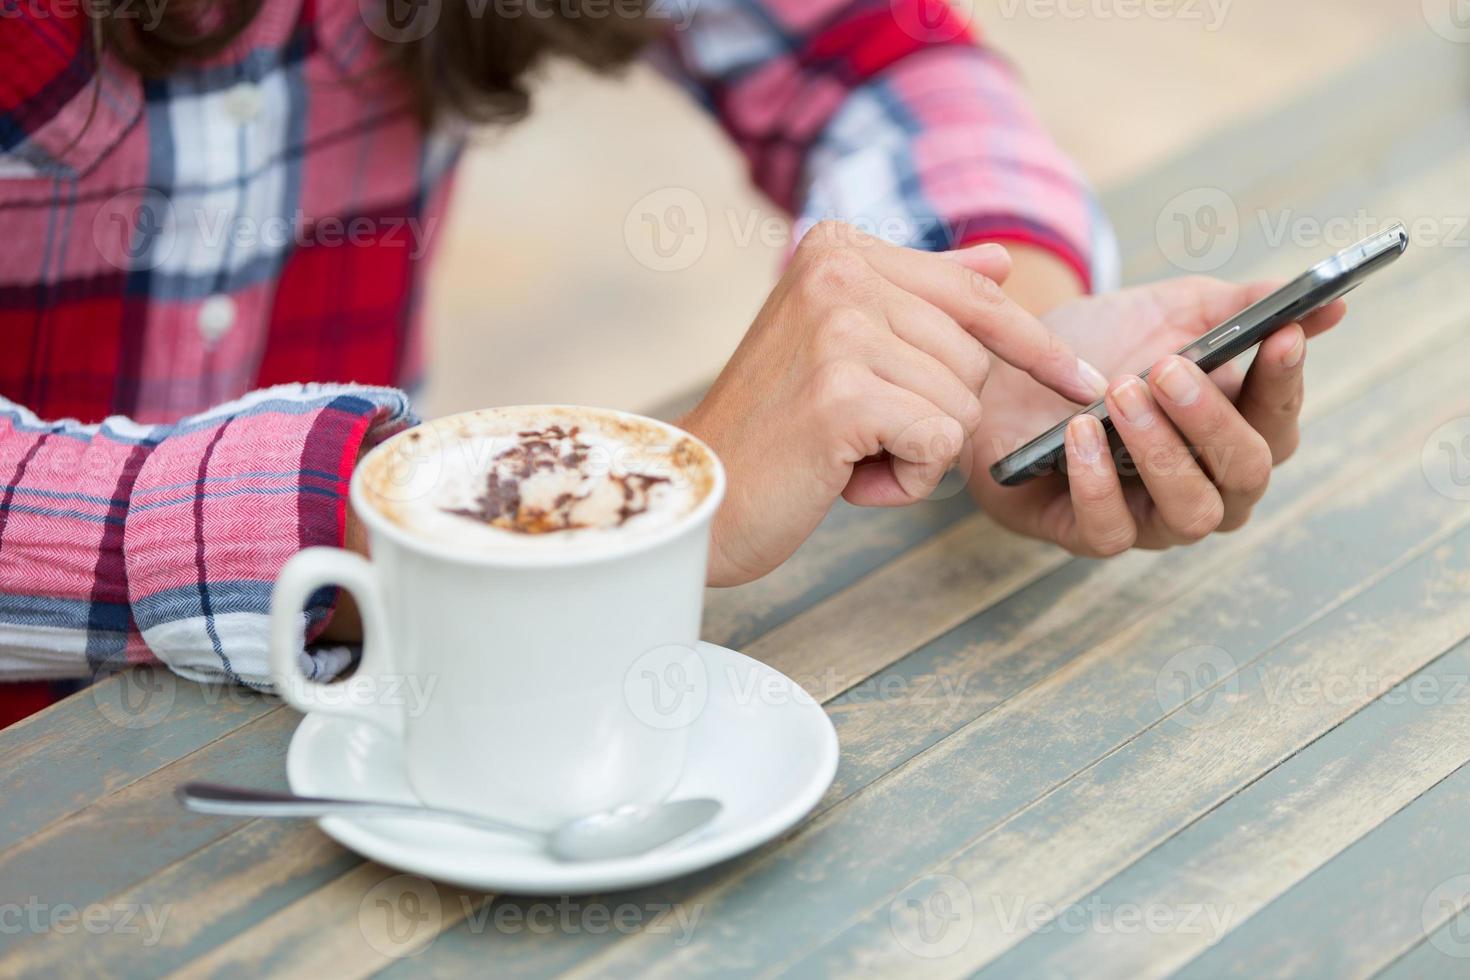 mobiele telefoon sms'en foto